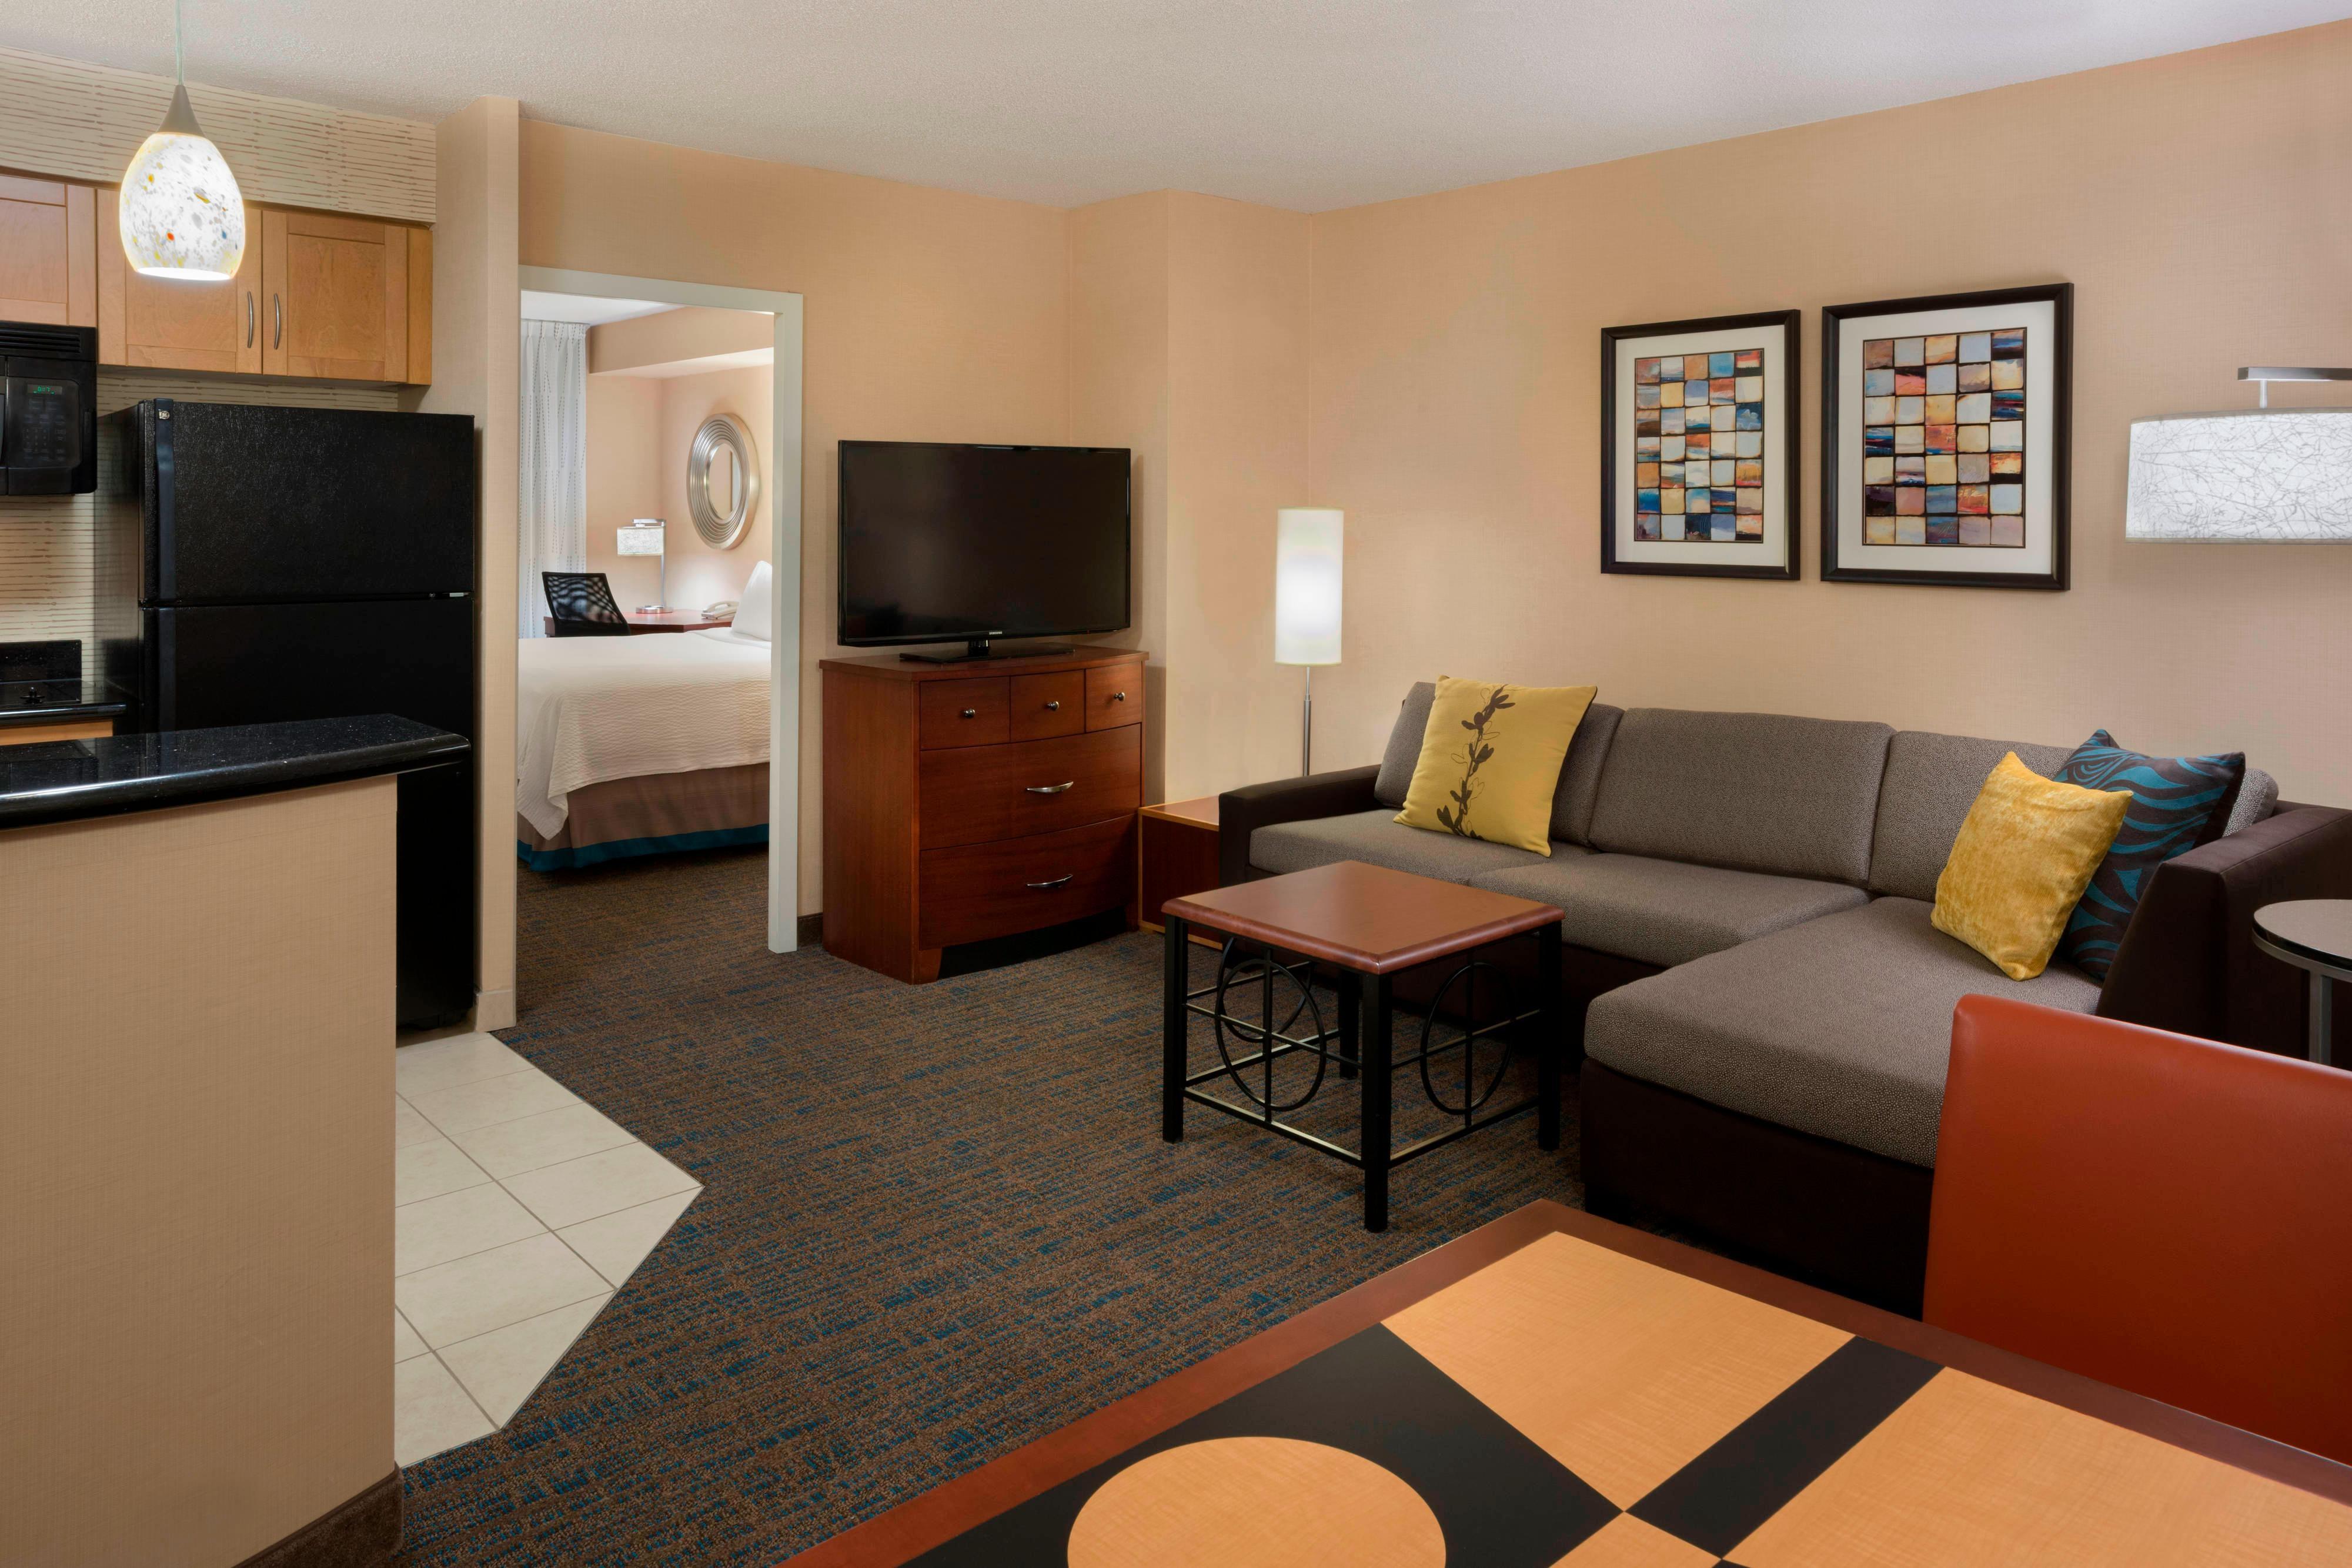 Suite de l'hôtel de l'Entertainment District de Toronto